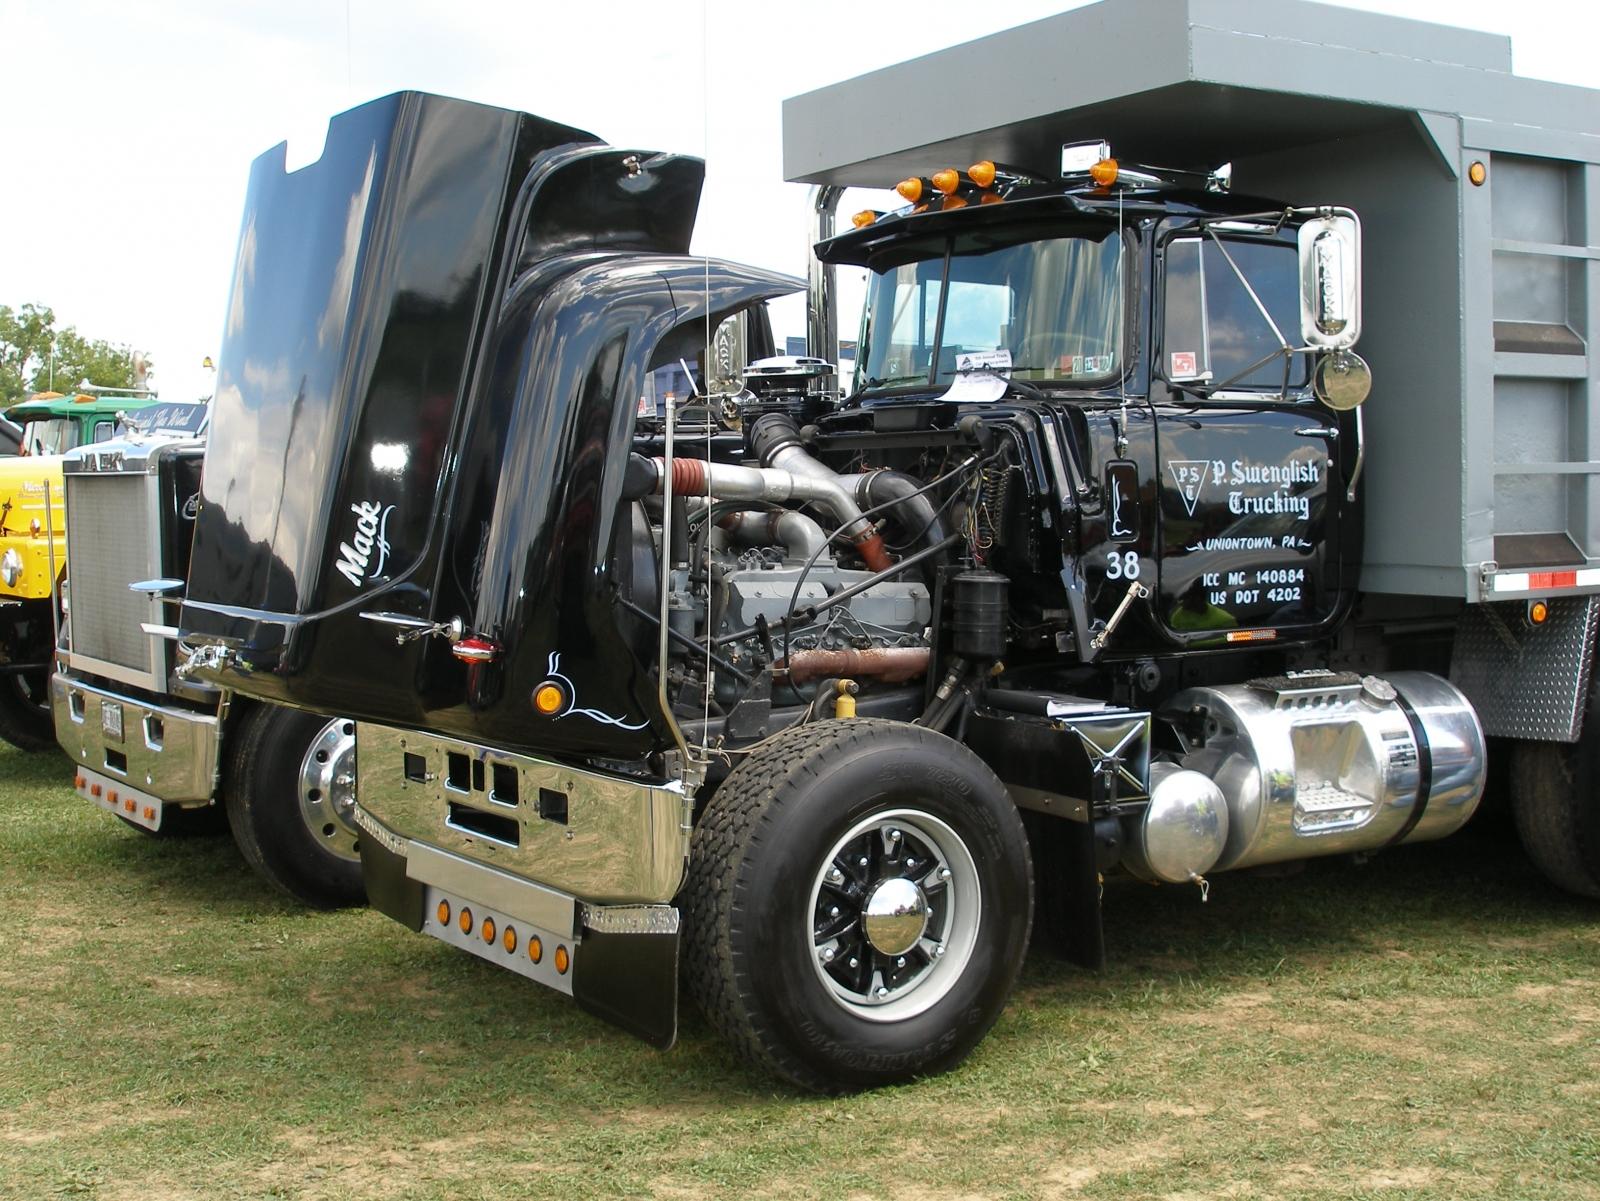 2012 Truck Show